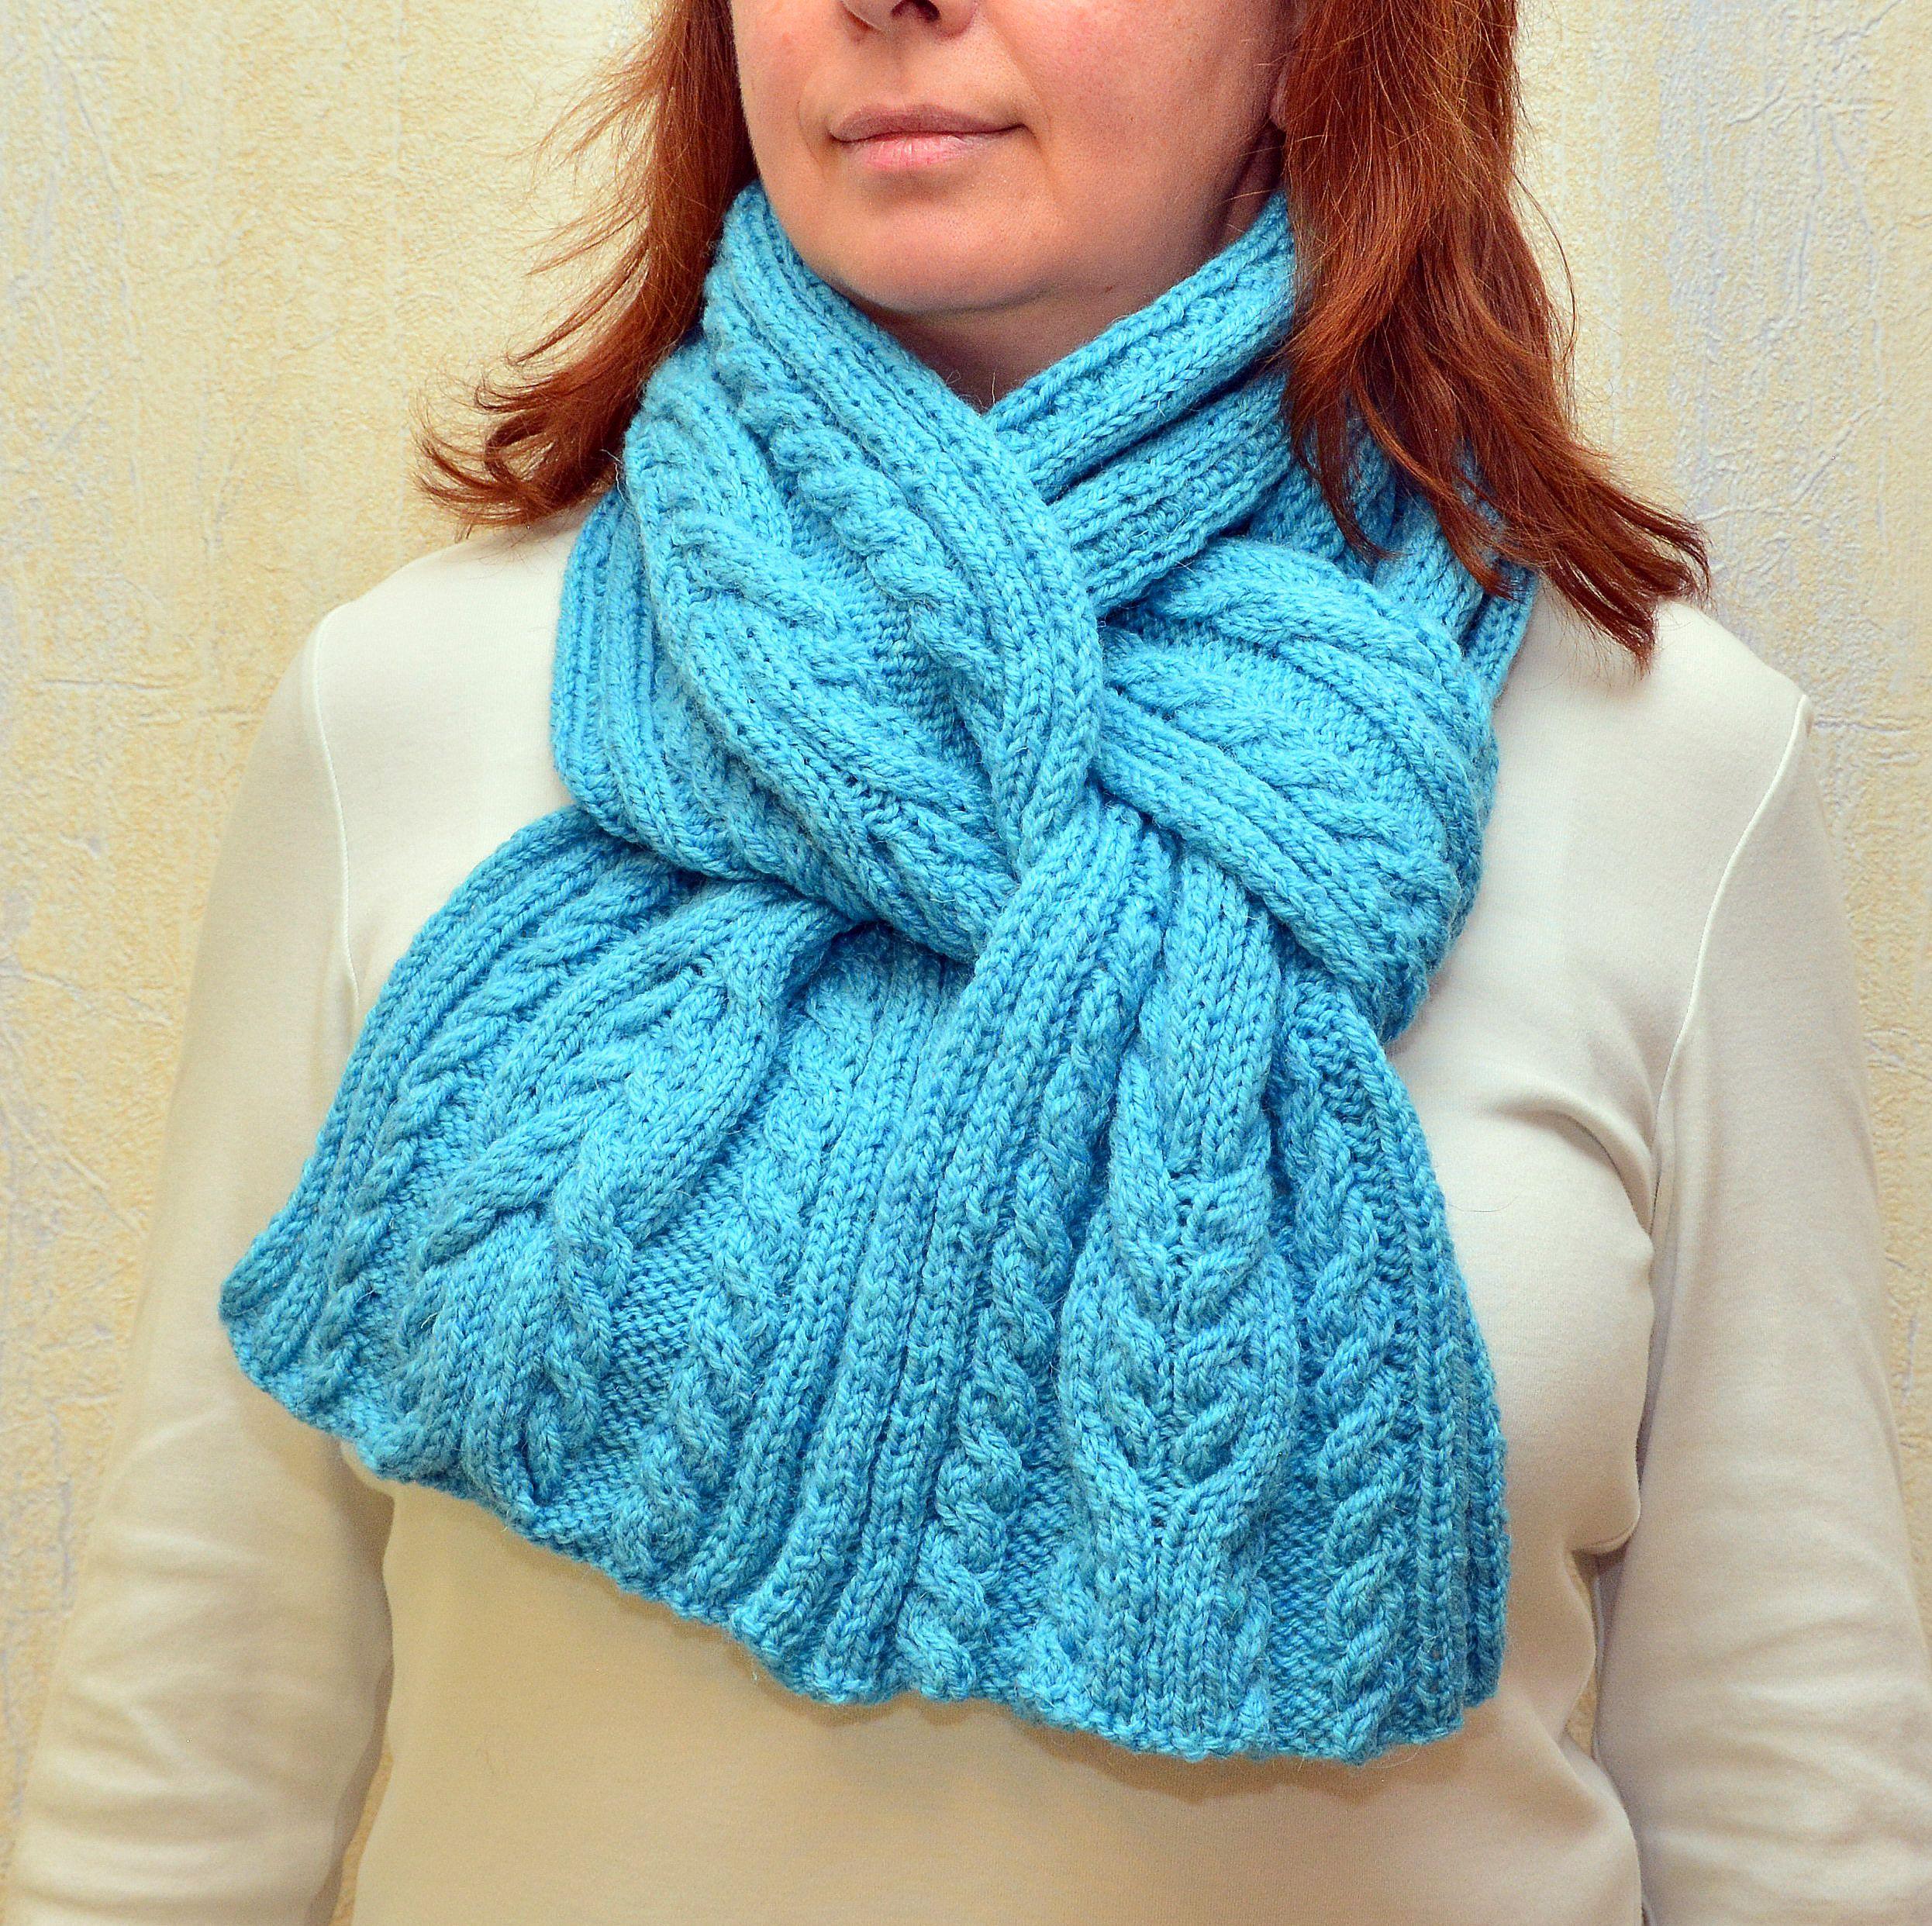 Photo of Kabel keltischer Schal Irischer Aran-Schal Handgestrickter Damenschal Gemütlicher blauer Schal Unisex-Schal Schwestergeschenk